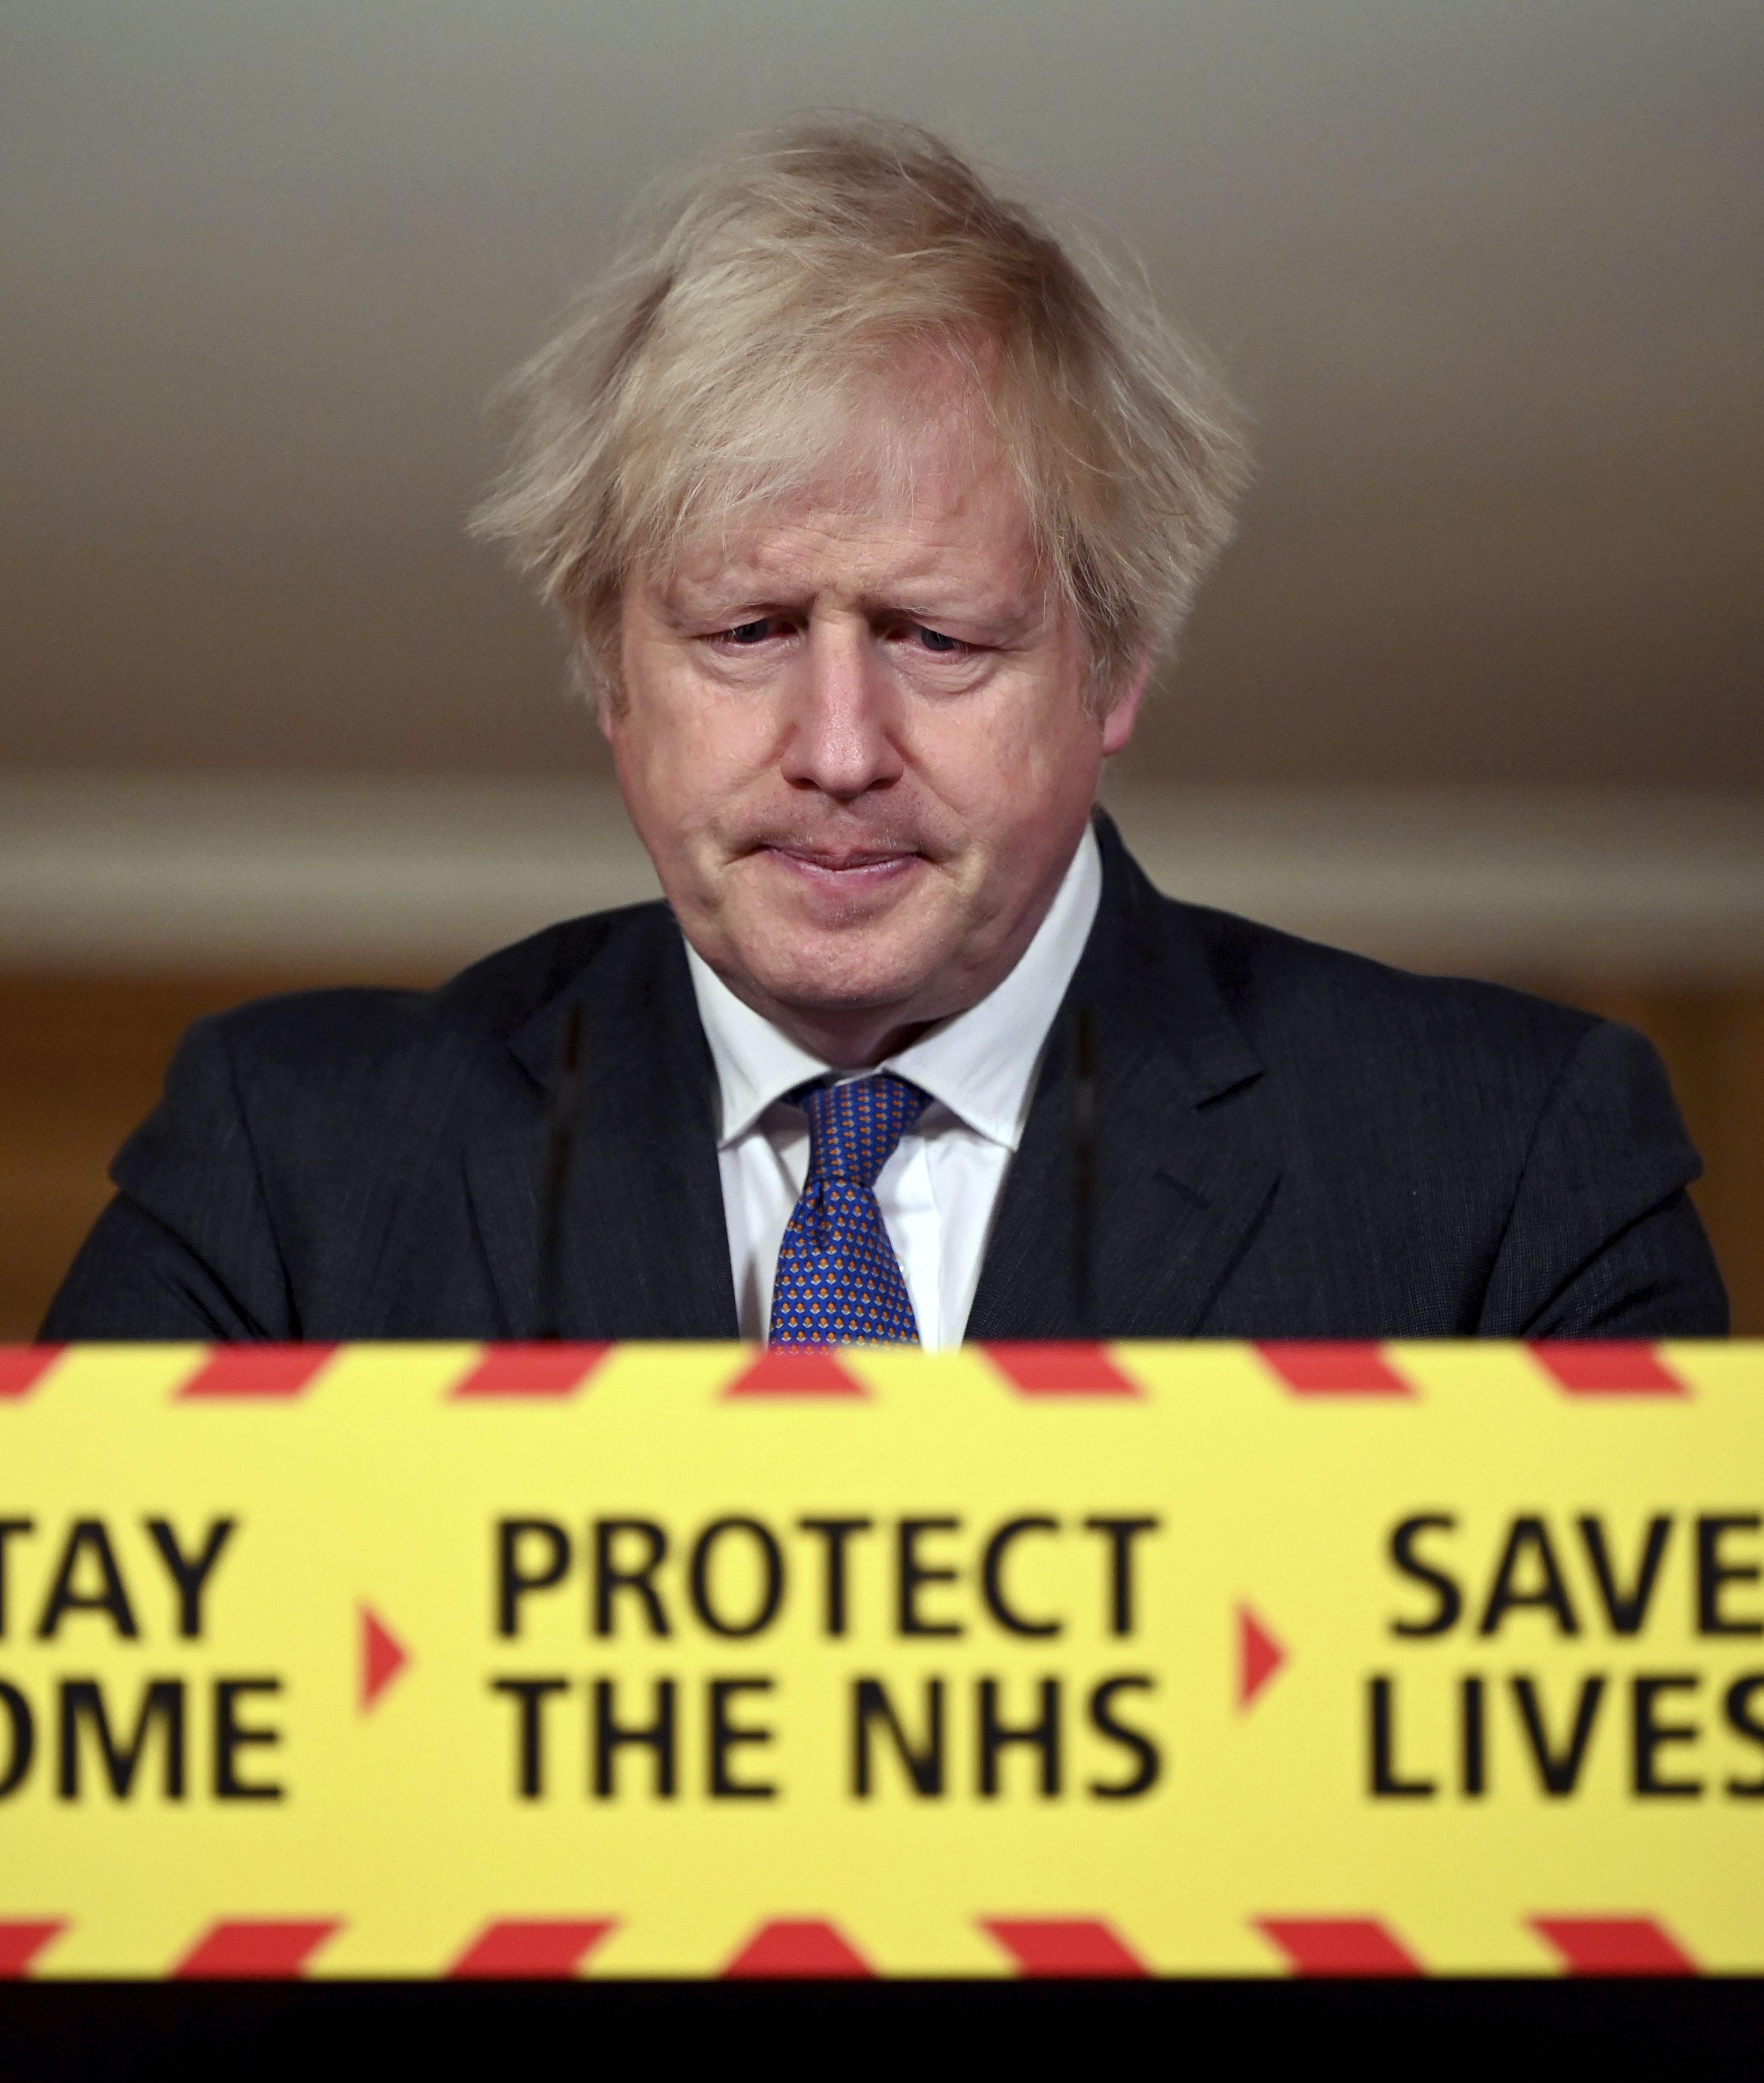 Zmutovaný koronavírus z Británie môže byť o 30 % smrteľnejší, oznámil Boris Johnson